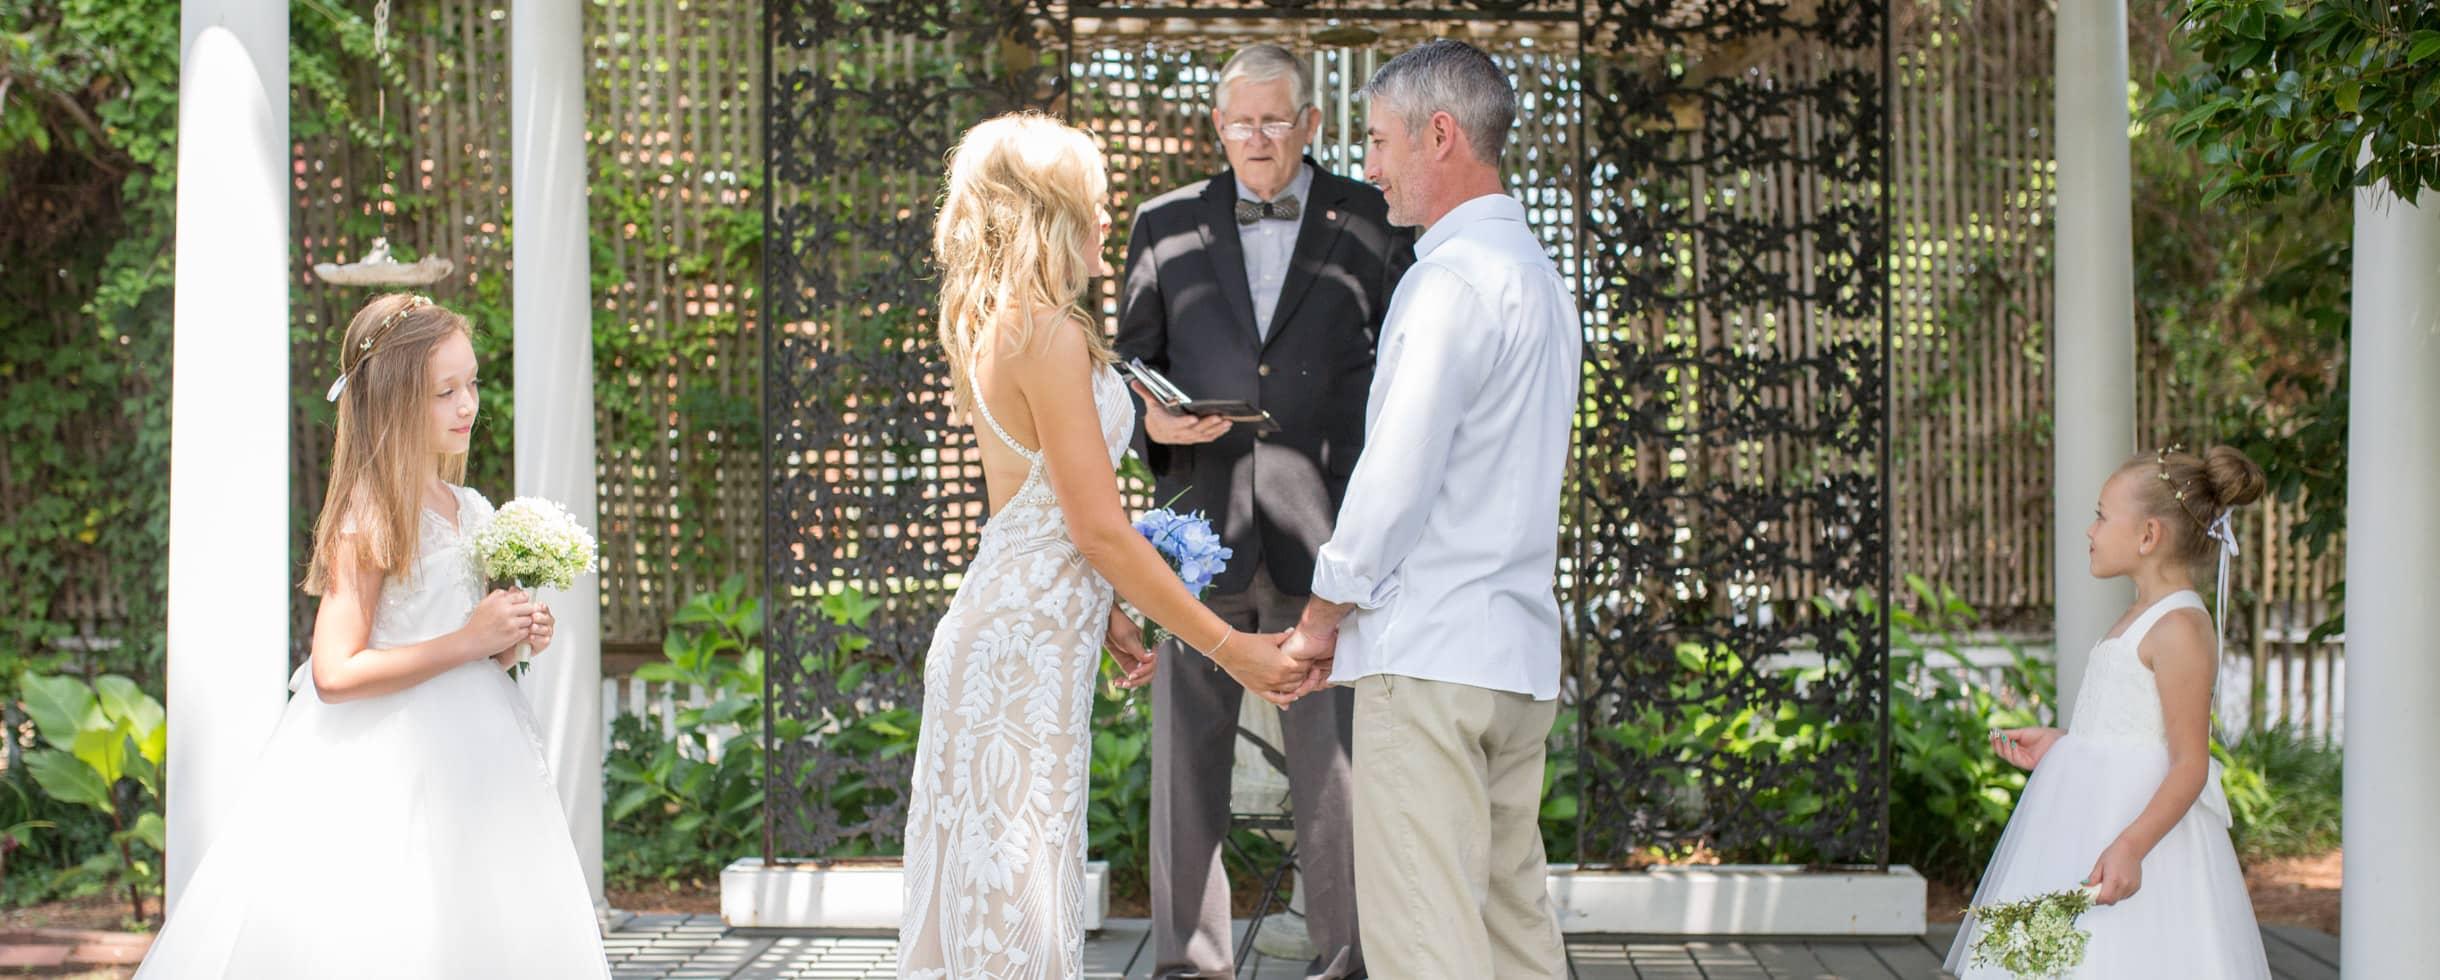 Wedding ceremony at White Doe Inn under a gazebo